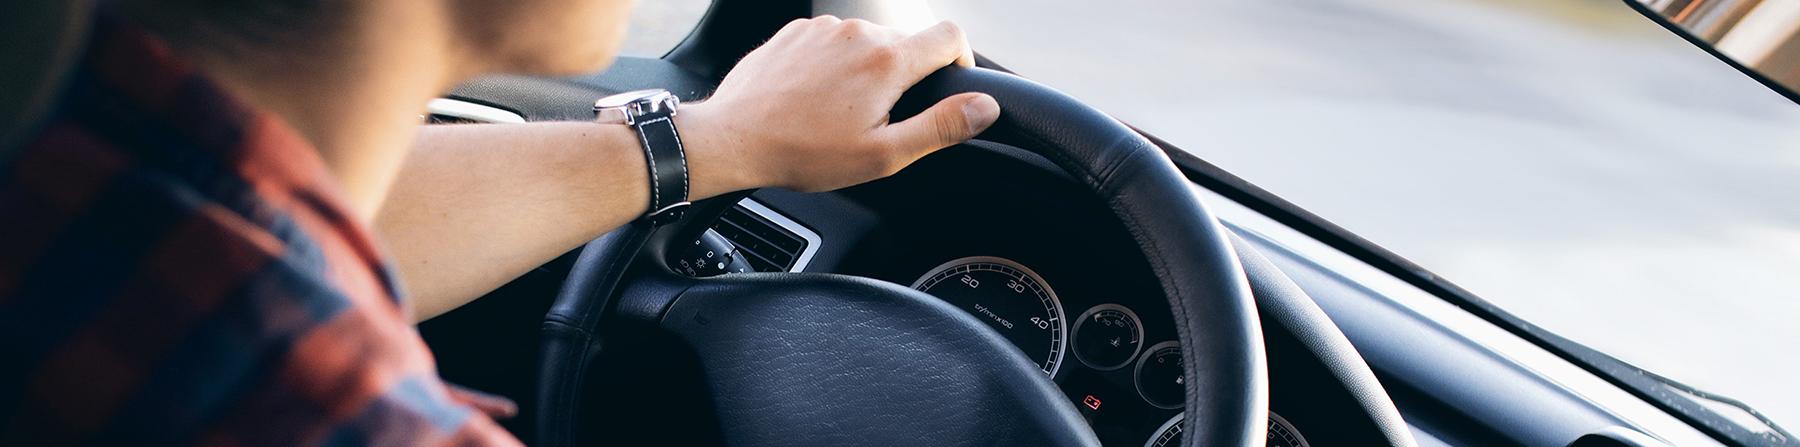 Comment acheter une voiture neuve avec des crédits en cours?